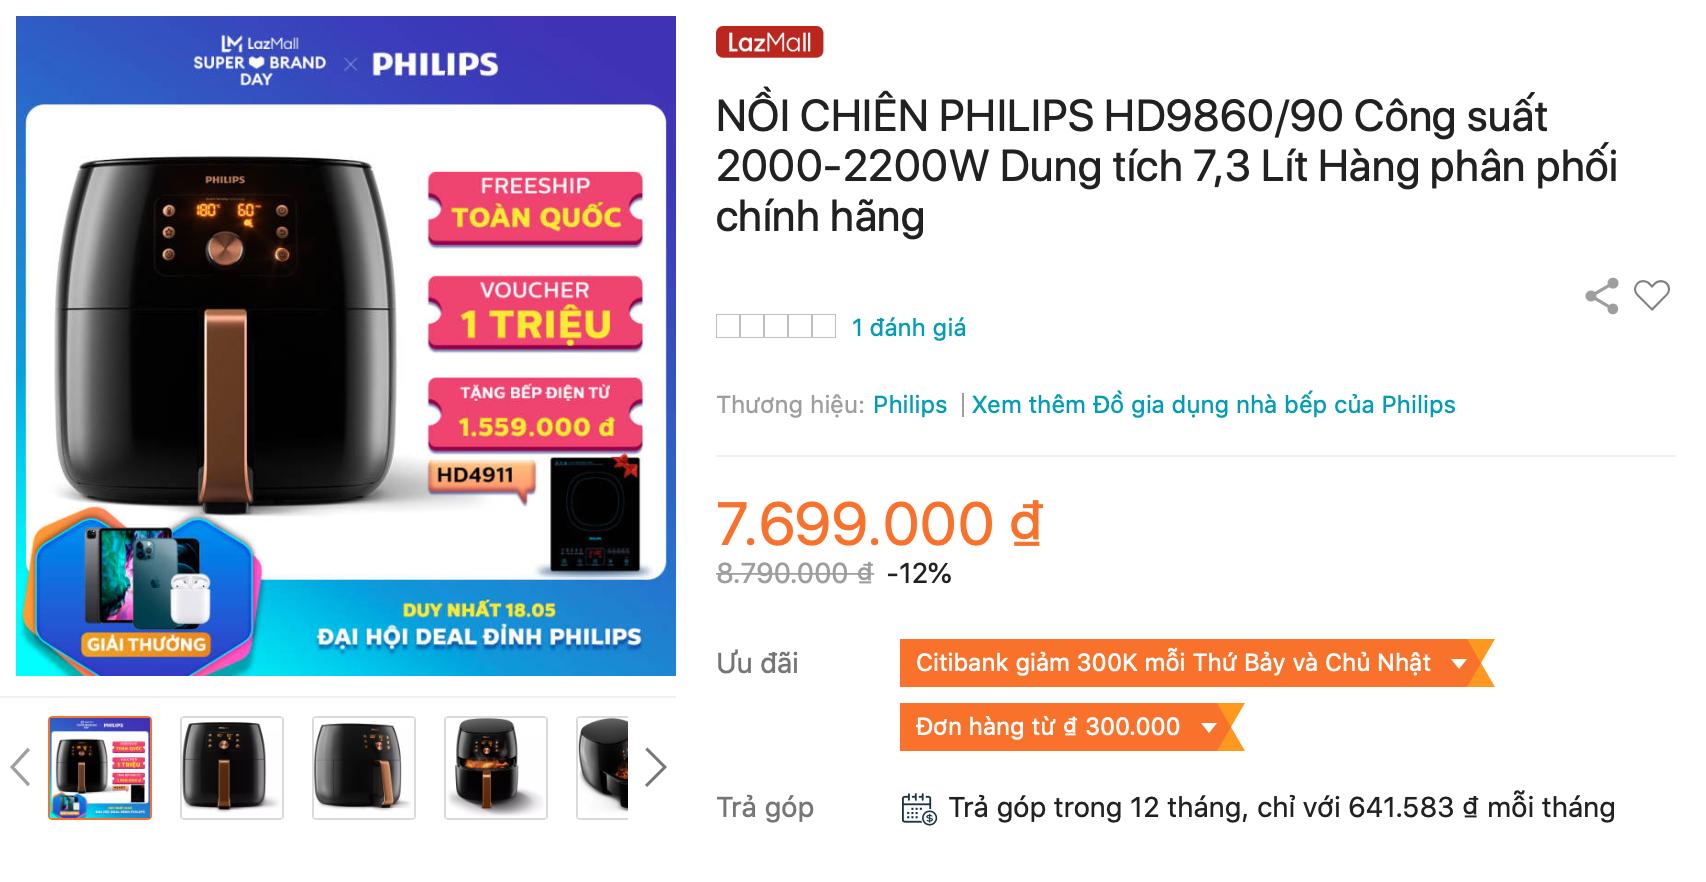 Địa chỉ mua sắm nồi chiên không dầu Philips HD9860/90 chính hãng